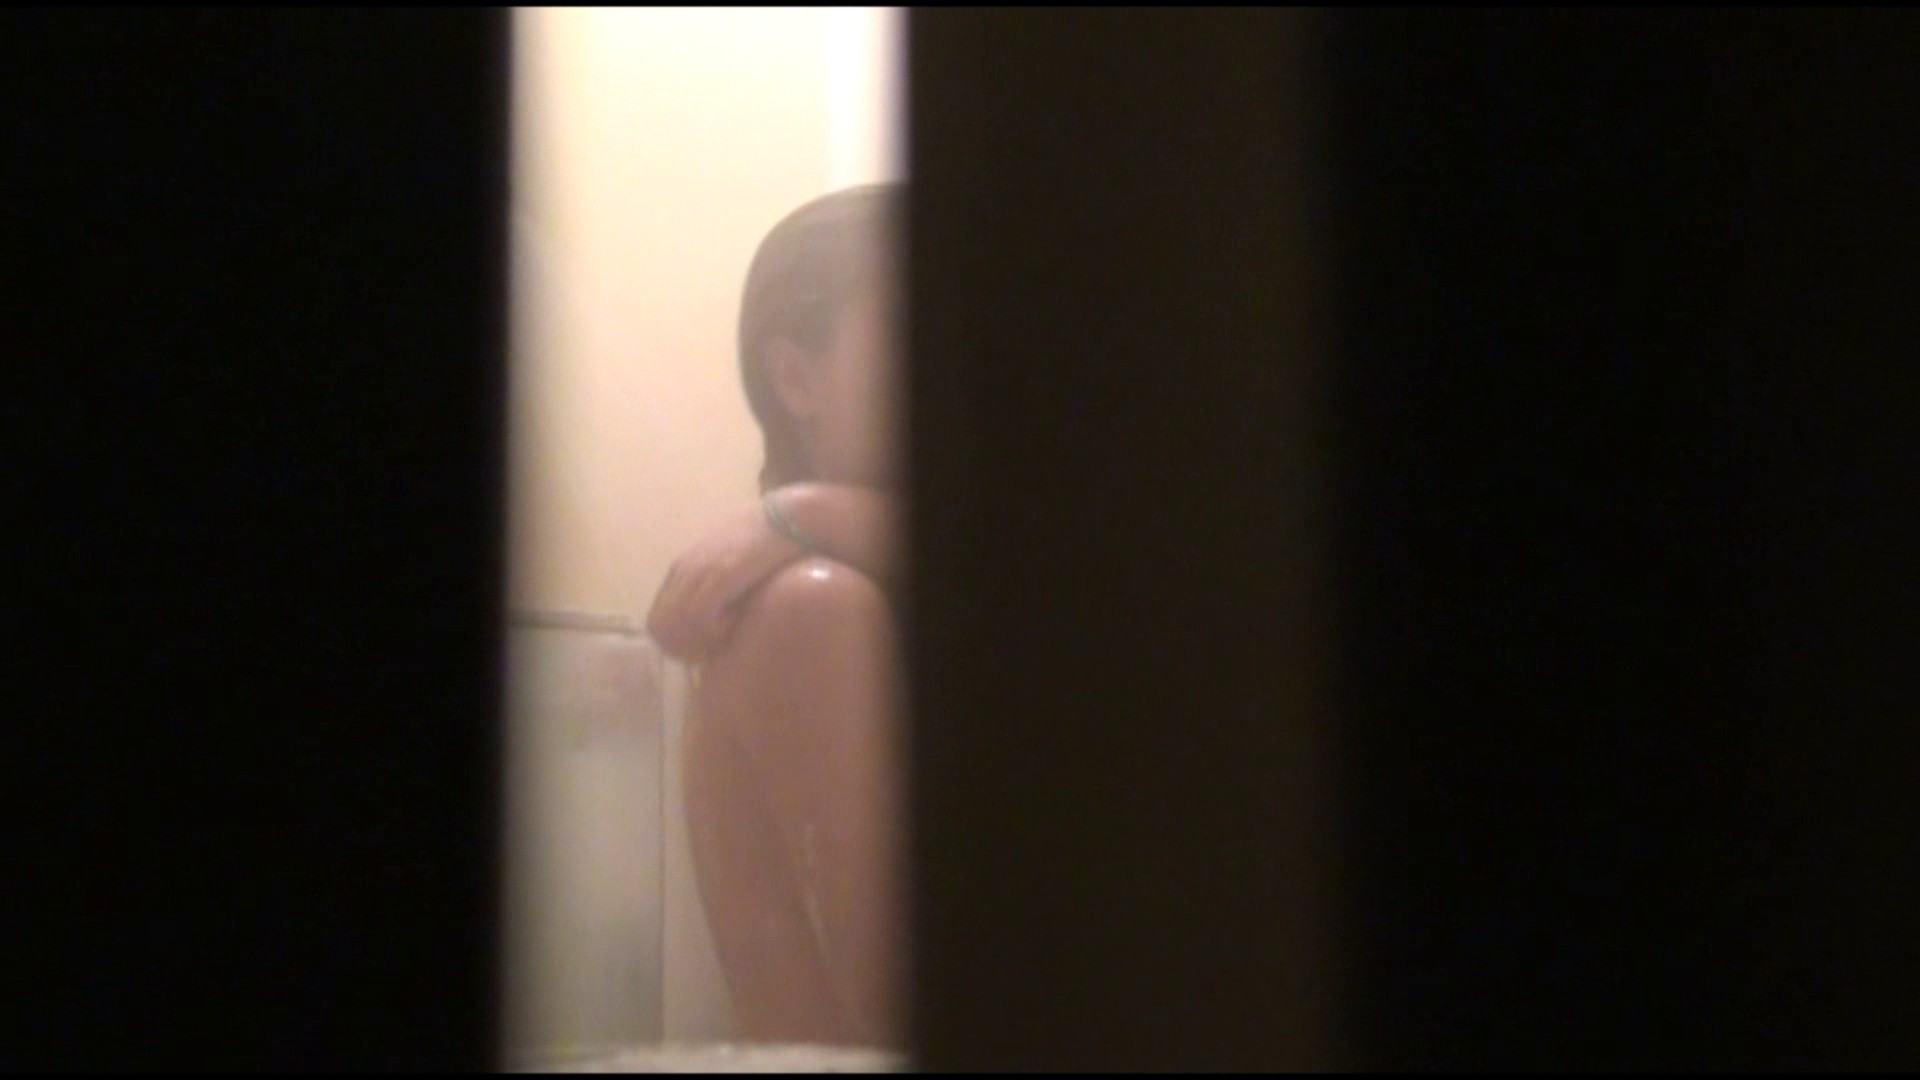 vol.08最高のパイラインを流れるシャワーの水が極上嬢をさらに引き立てます! 盗撮で悶絶 オマンコ無修正動画無料 78画像 52